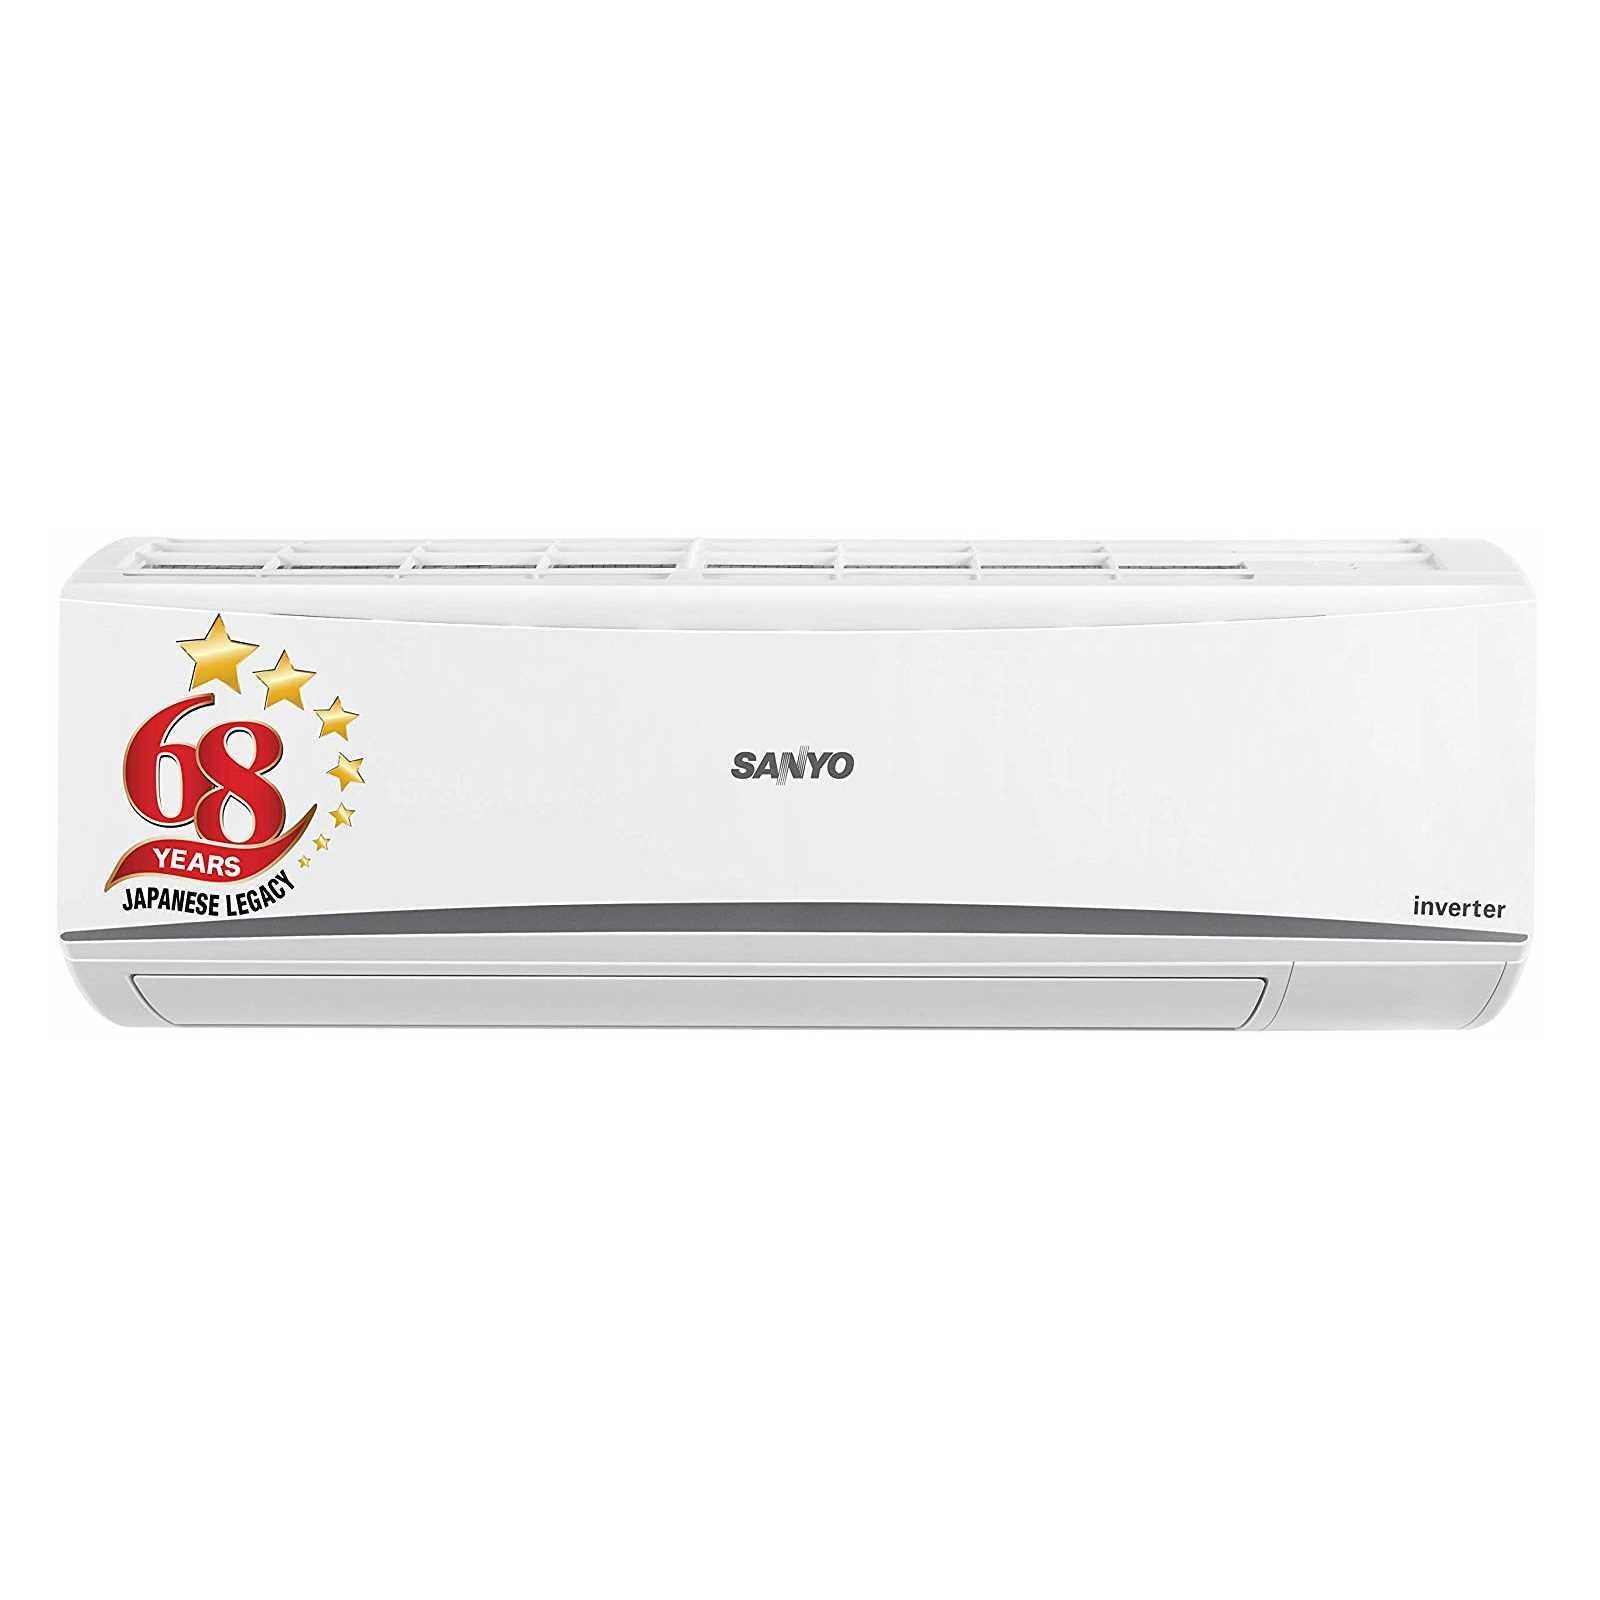 Sanyo SI-SO-10T5SCIC 1 Ton 5 Star Inverter Split AC